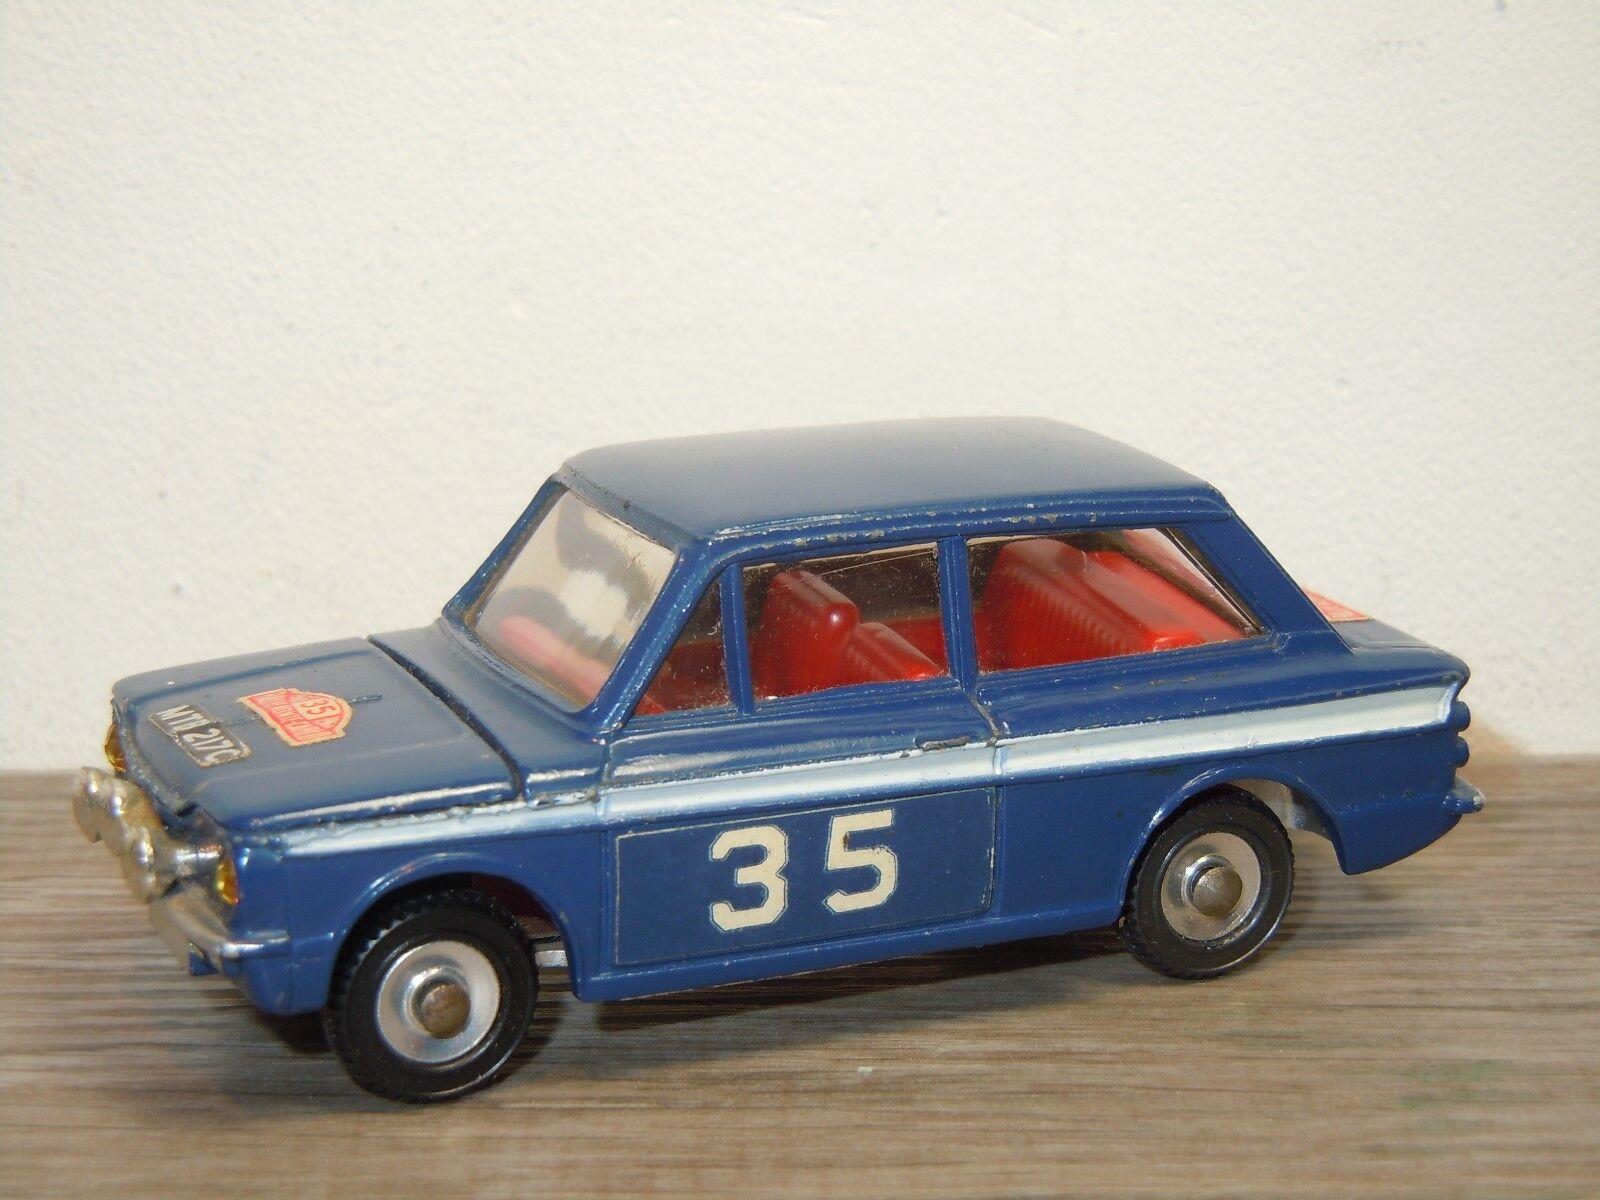 Hillhomme IMP Rallye Monte voiturelo - Dinky Toys 214  England 35572  gros pas cher et de haute qualité